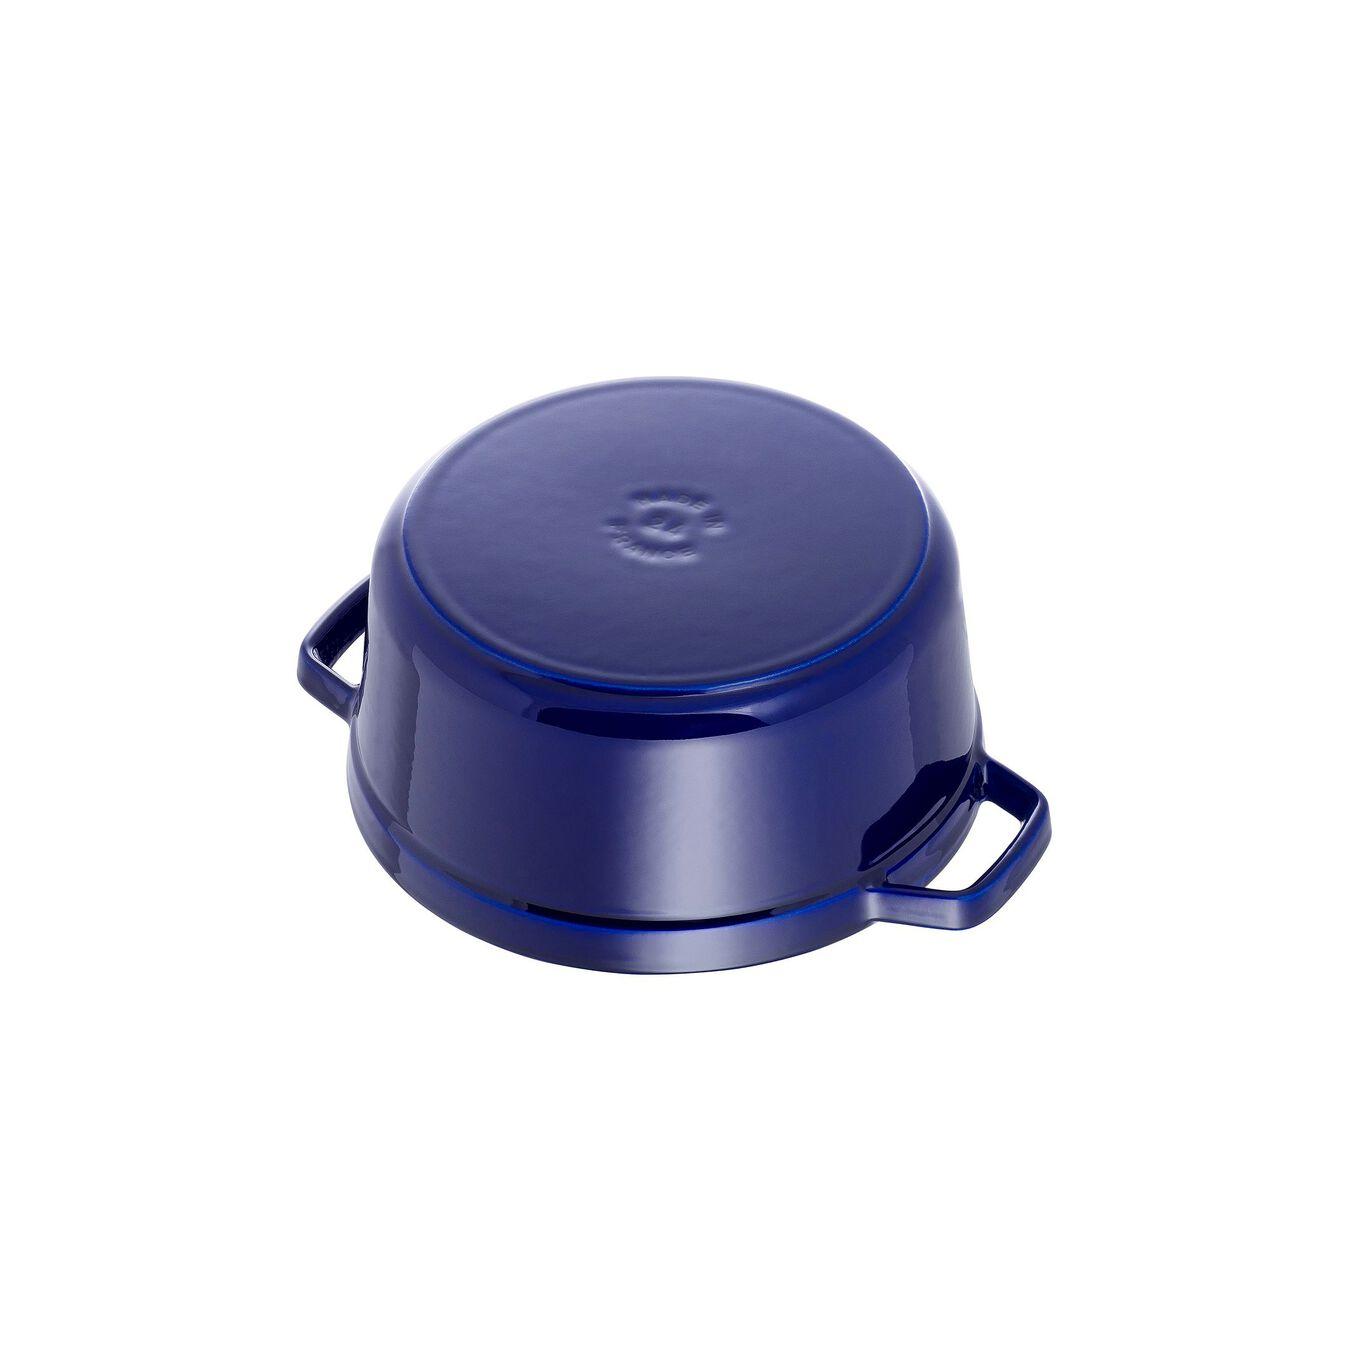 Cocotte 24 cm, Rond(e), Bleu intense, Fonte,,large 3